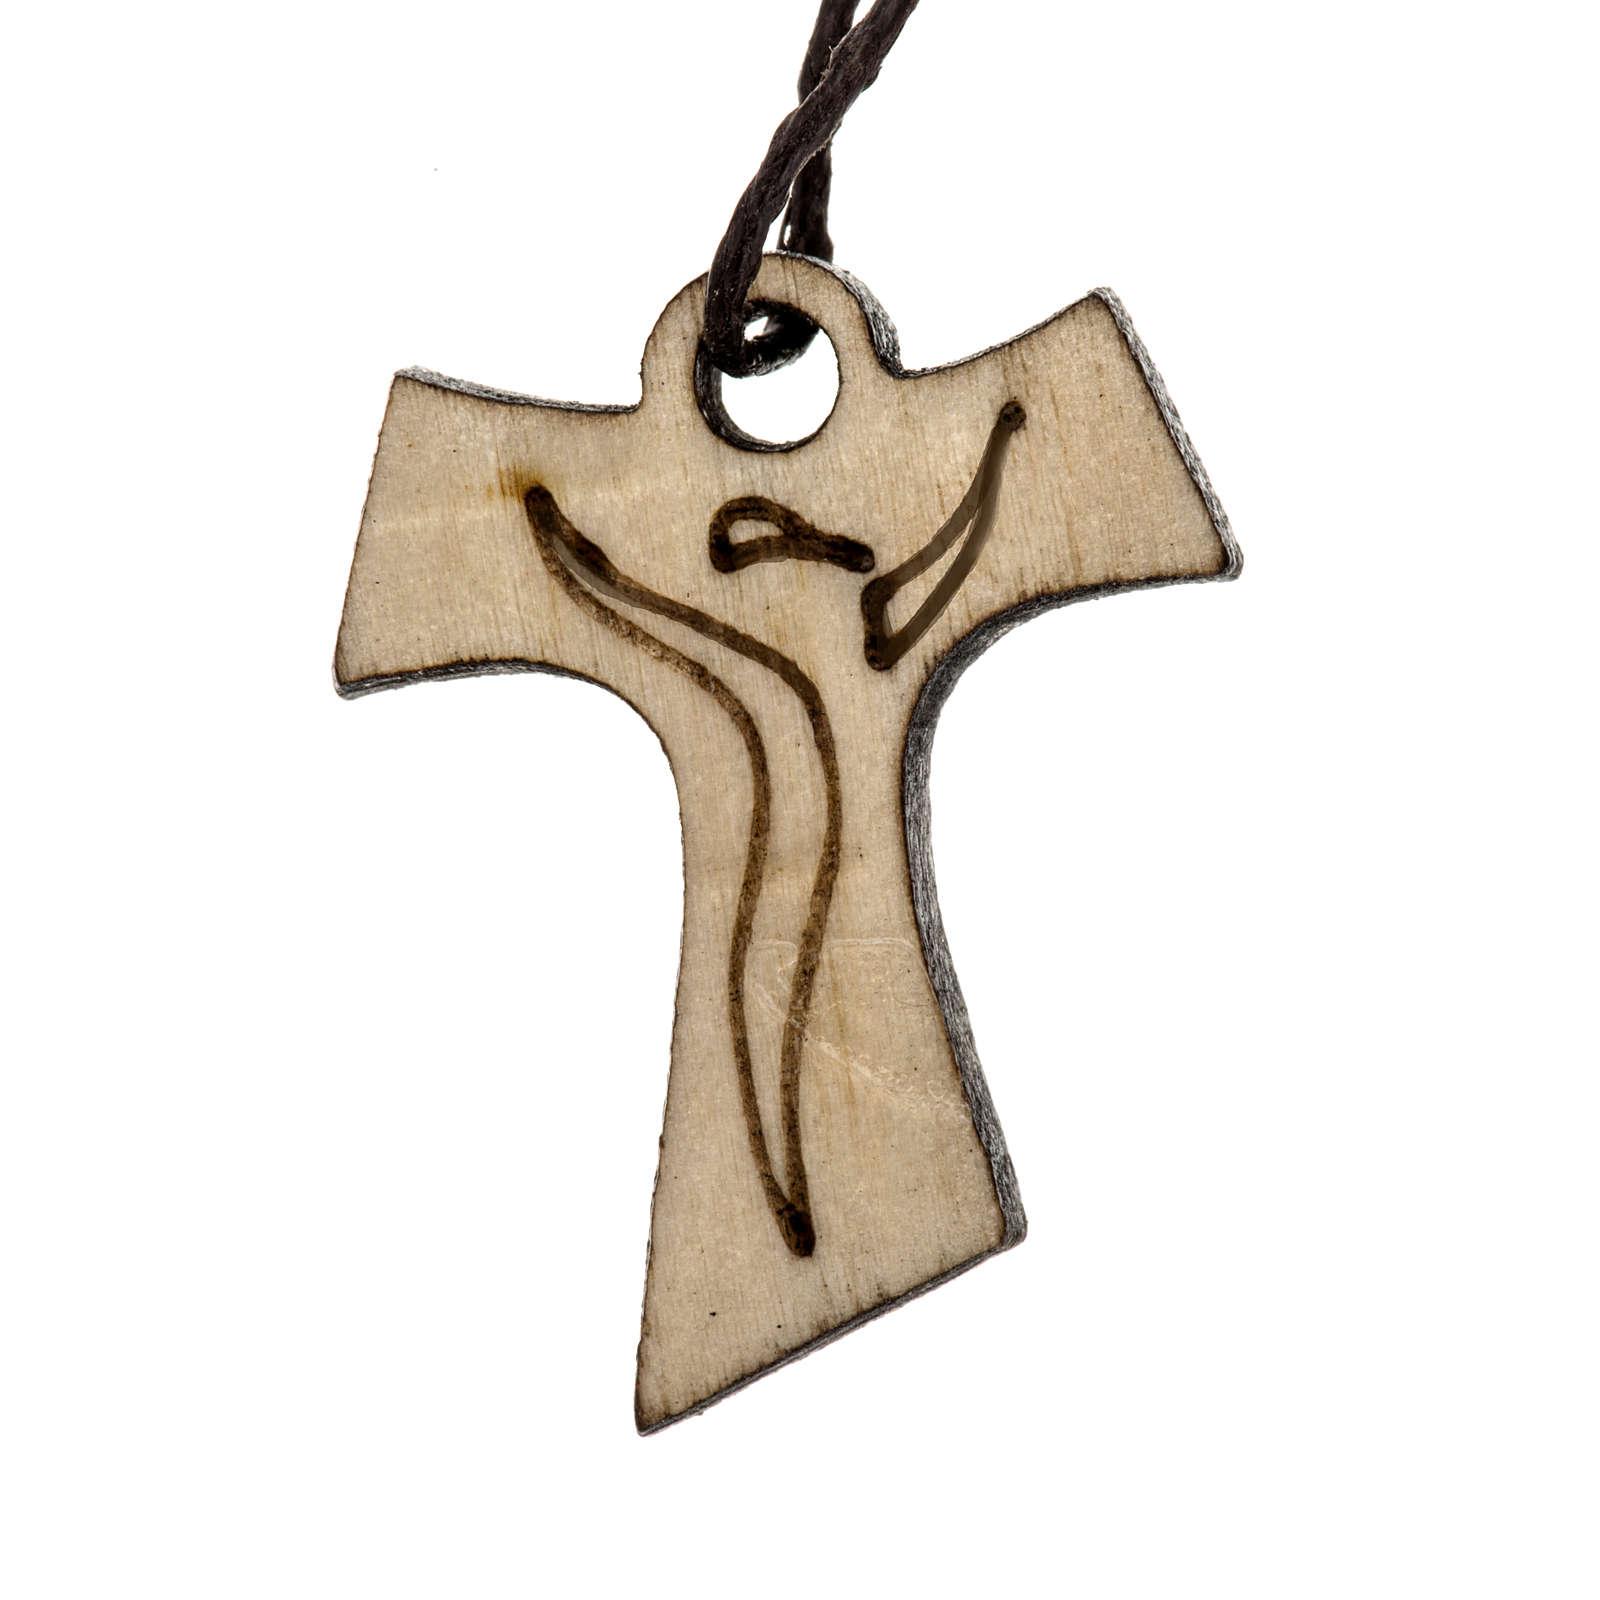 Krzyż Pierwsza Komunia Tau drewno wizerunek Zmartwychwstałego 3.3x2.4 cm 4